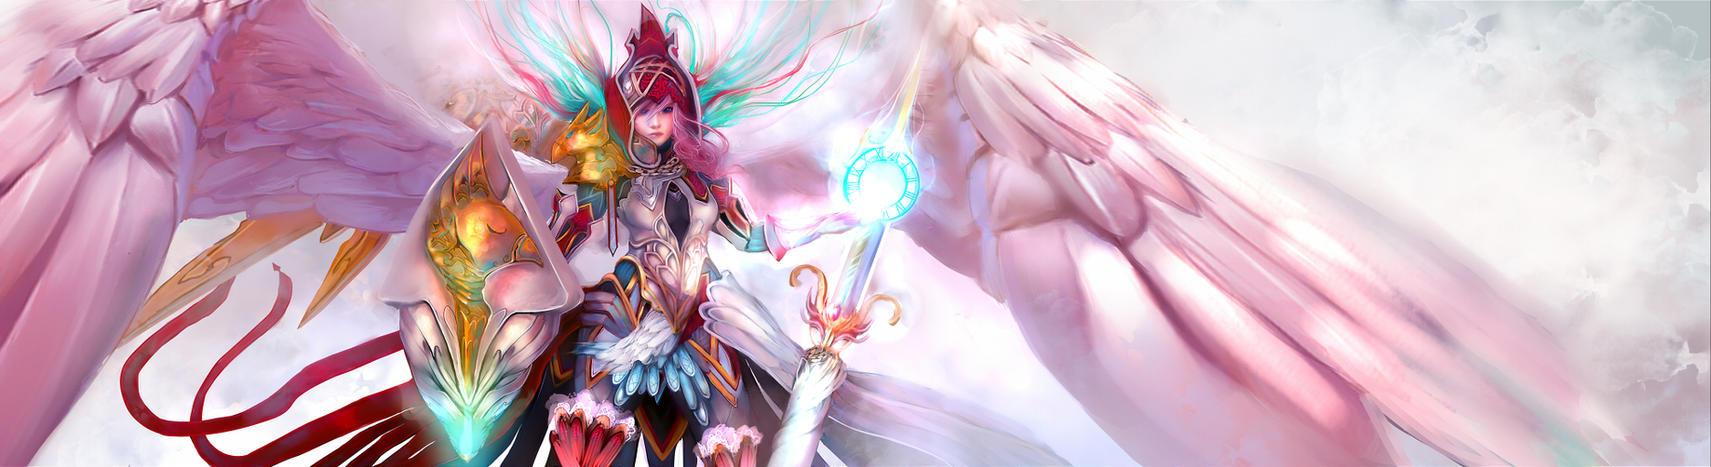 Queen Chocobo - Lightning - by Fanelia-Art